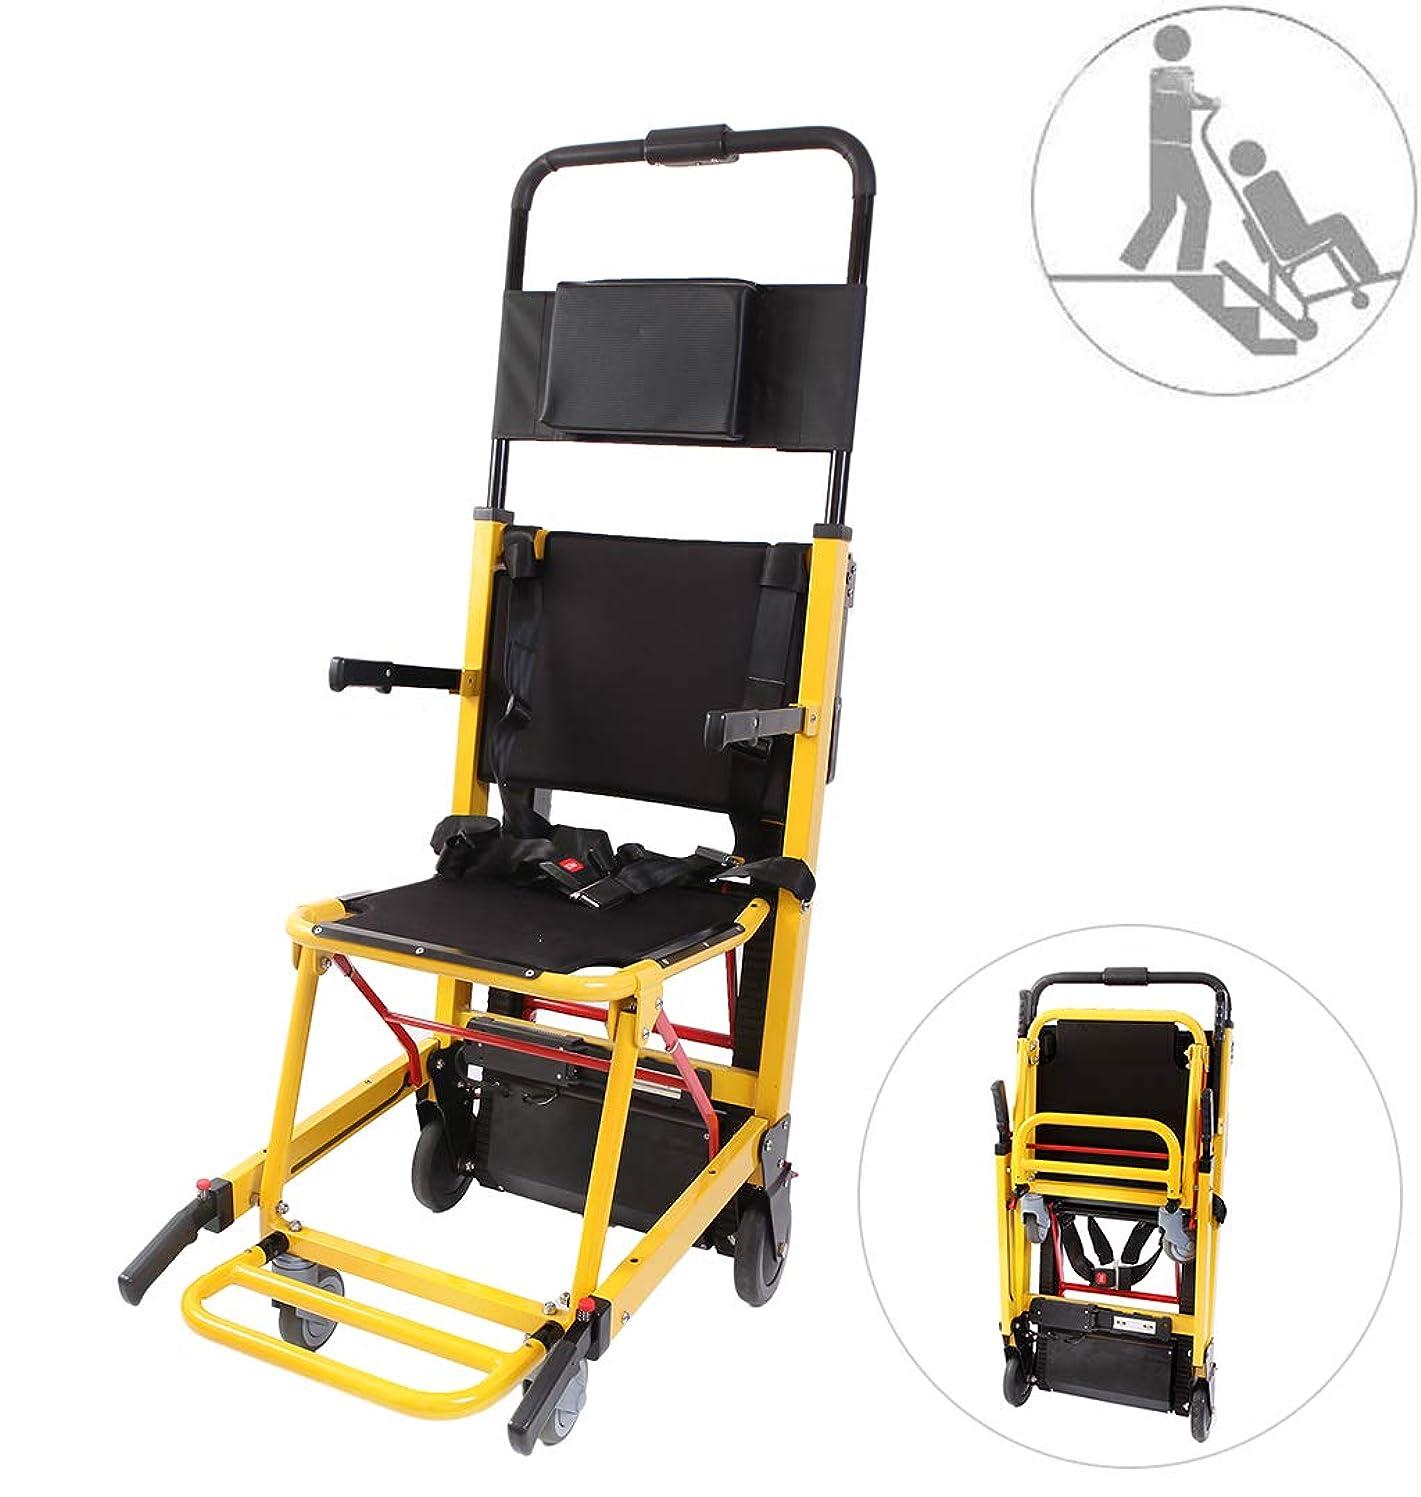 キリマンジャロ小麦粉崇拝しますバッテリー駆動のトラック階段昇降チェアヘビーデューティーエマージェンシー軽量折りたたみ避難階段椅子、積載量365ポンド